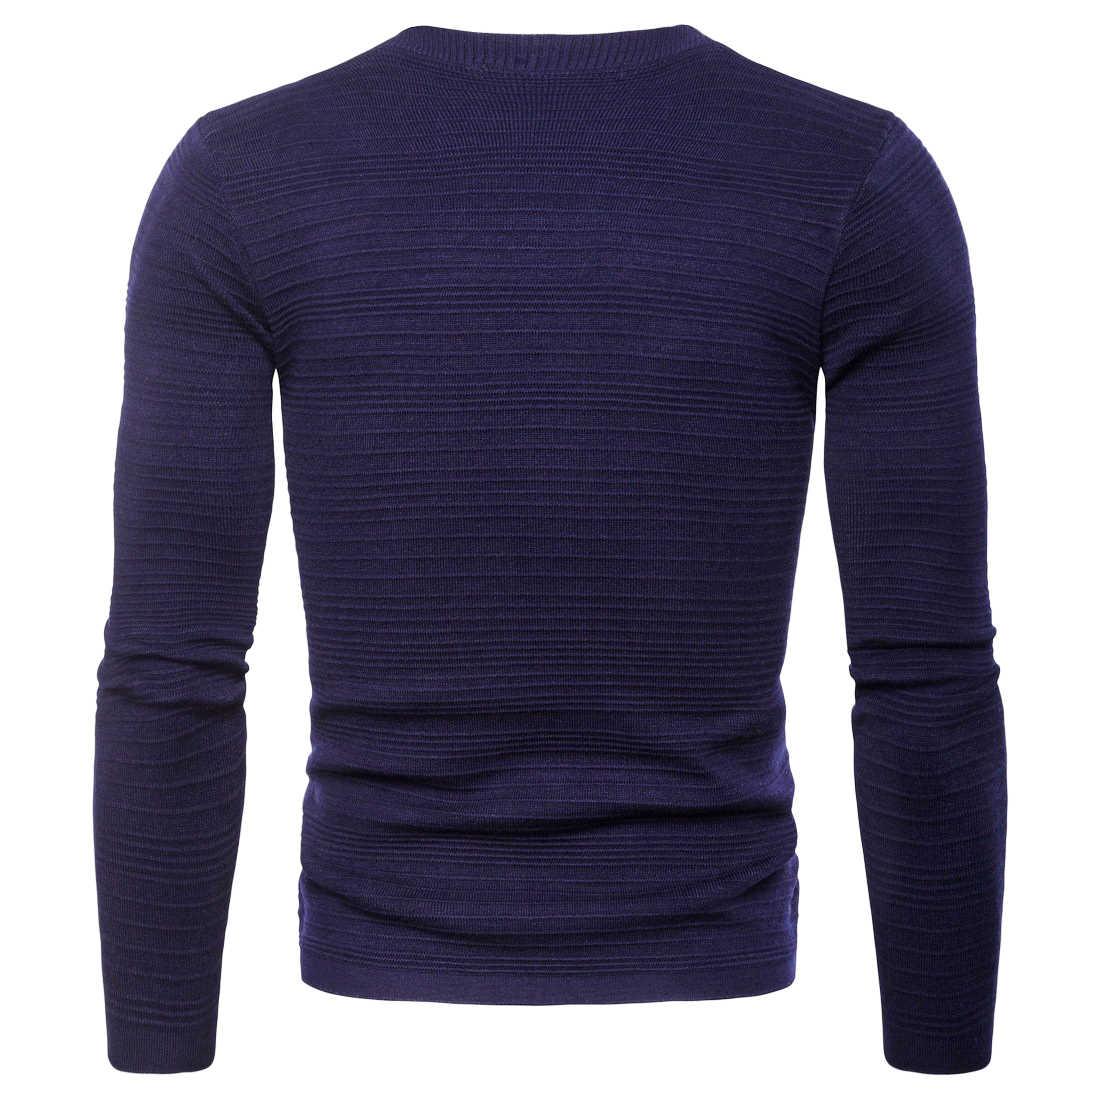 Vomint 2019, новый осенний мужской свитер, вязаный кардиган с двумя пуговицами, с длинными рукавами, базовая Повседневная Деловая одежда, черный, синий, серый